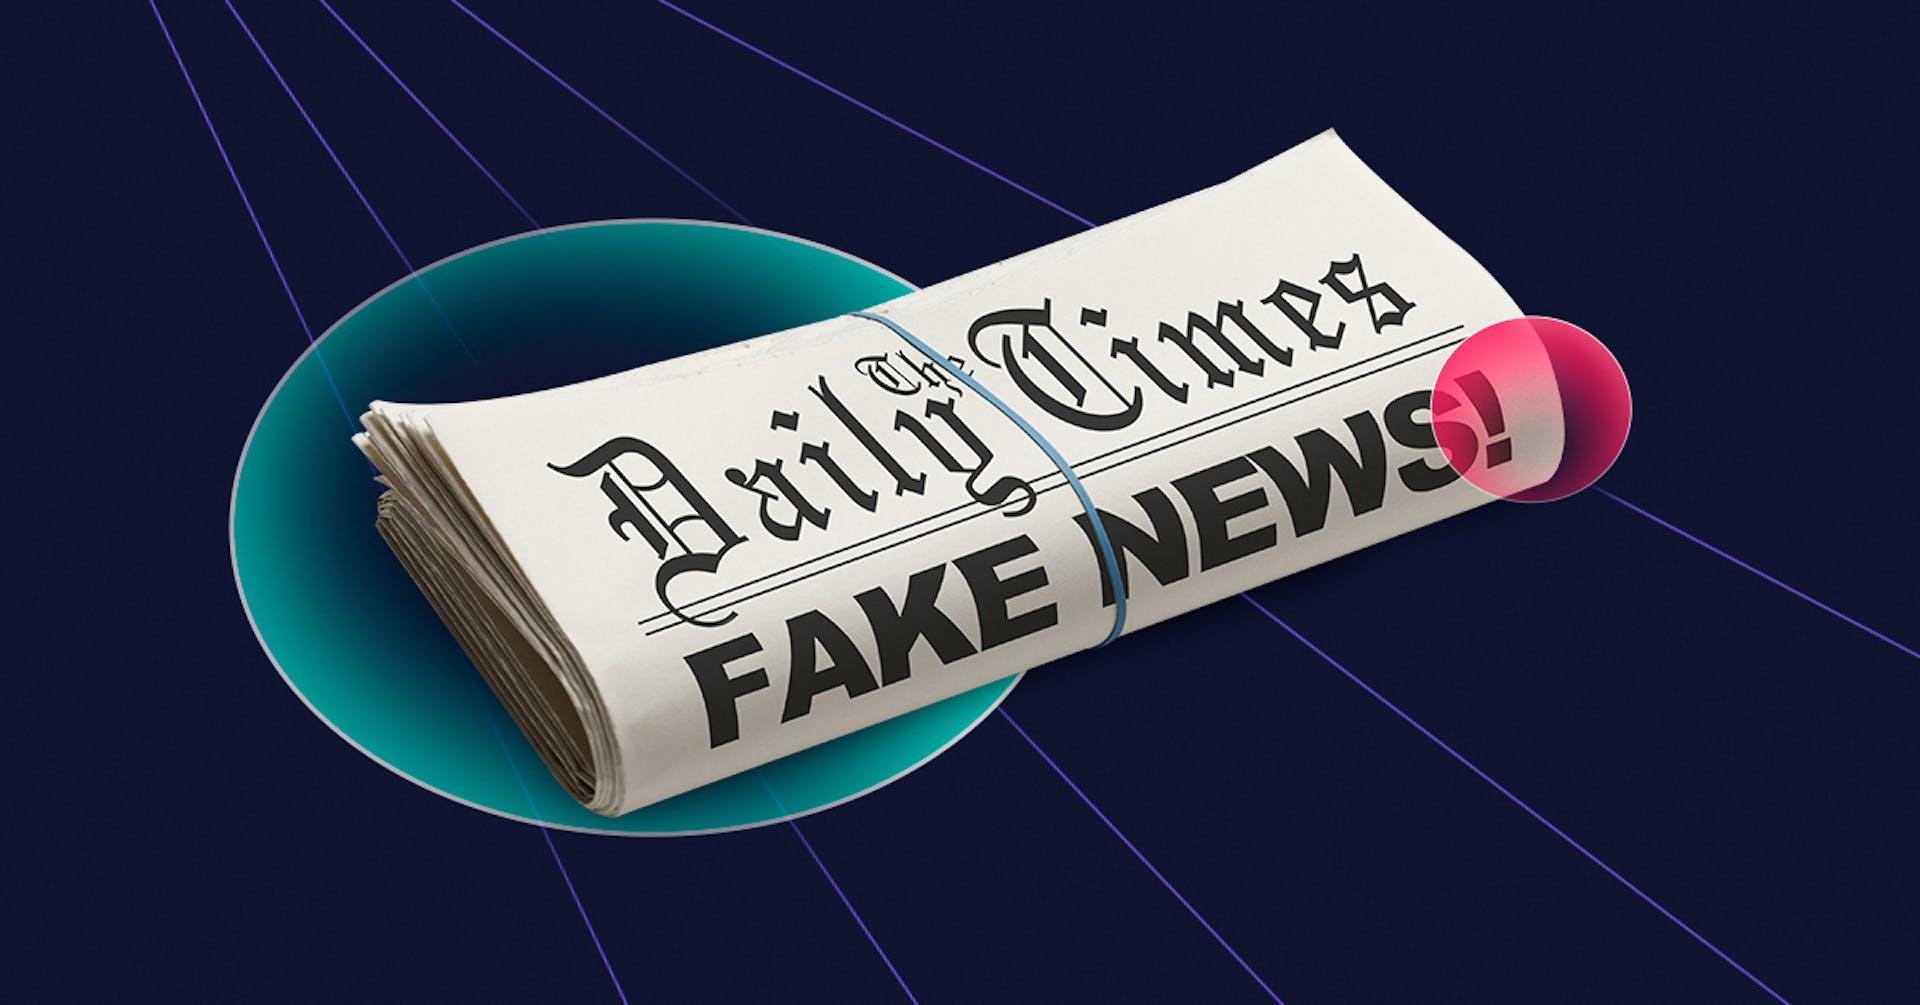 ¿Qué son los Fakes News? ¡No te dejes manipular y evita desinformar!